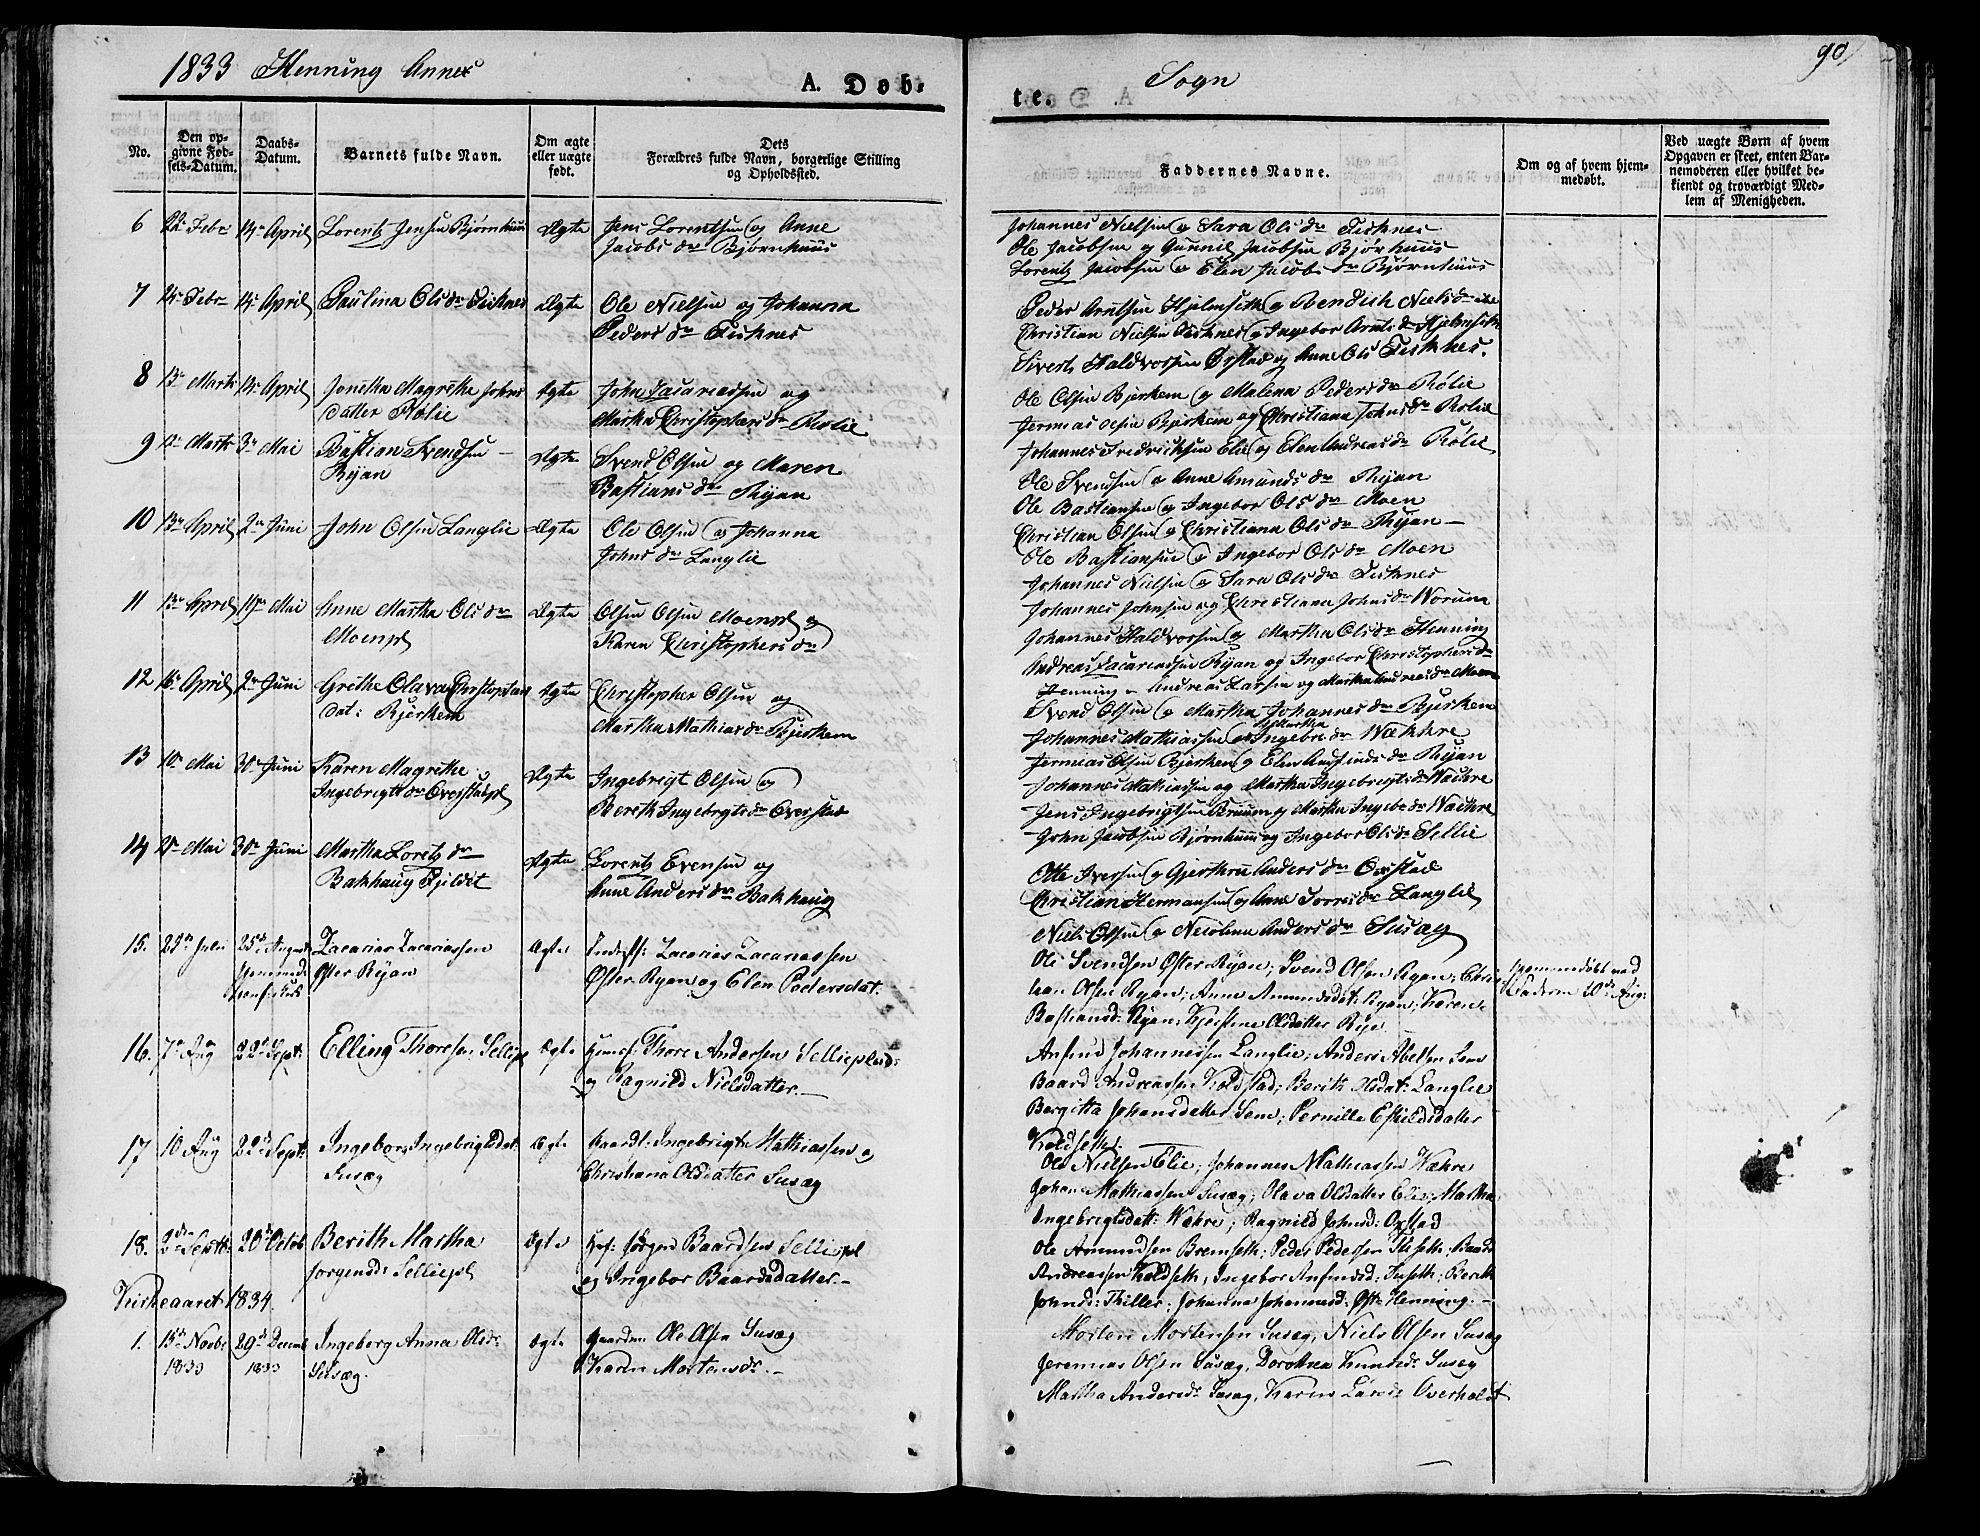 SAT, Ministerialprotokoller, klokkerbøker og fødselsregistre - Nord-Trøndelag, 735/L0336: Ministerialbok nr. 735A05 /3, 1825-1835, s. 90